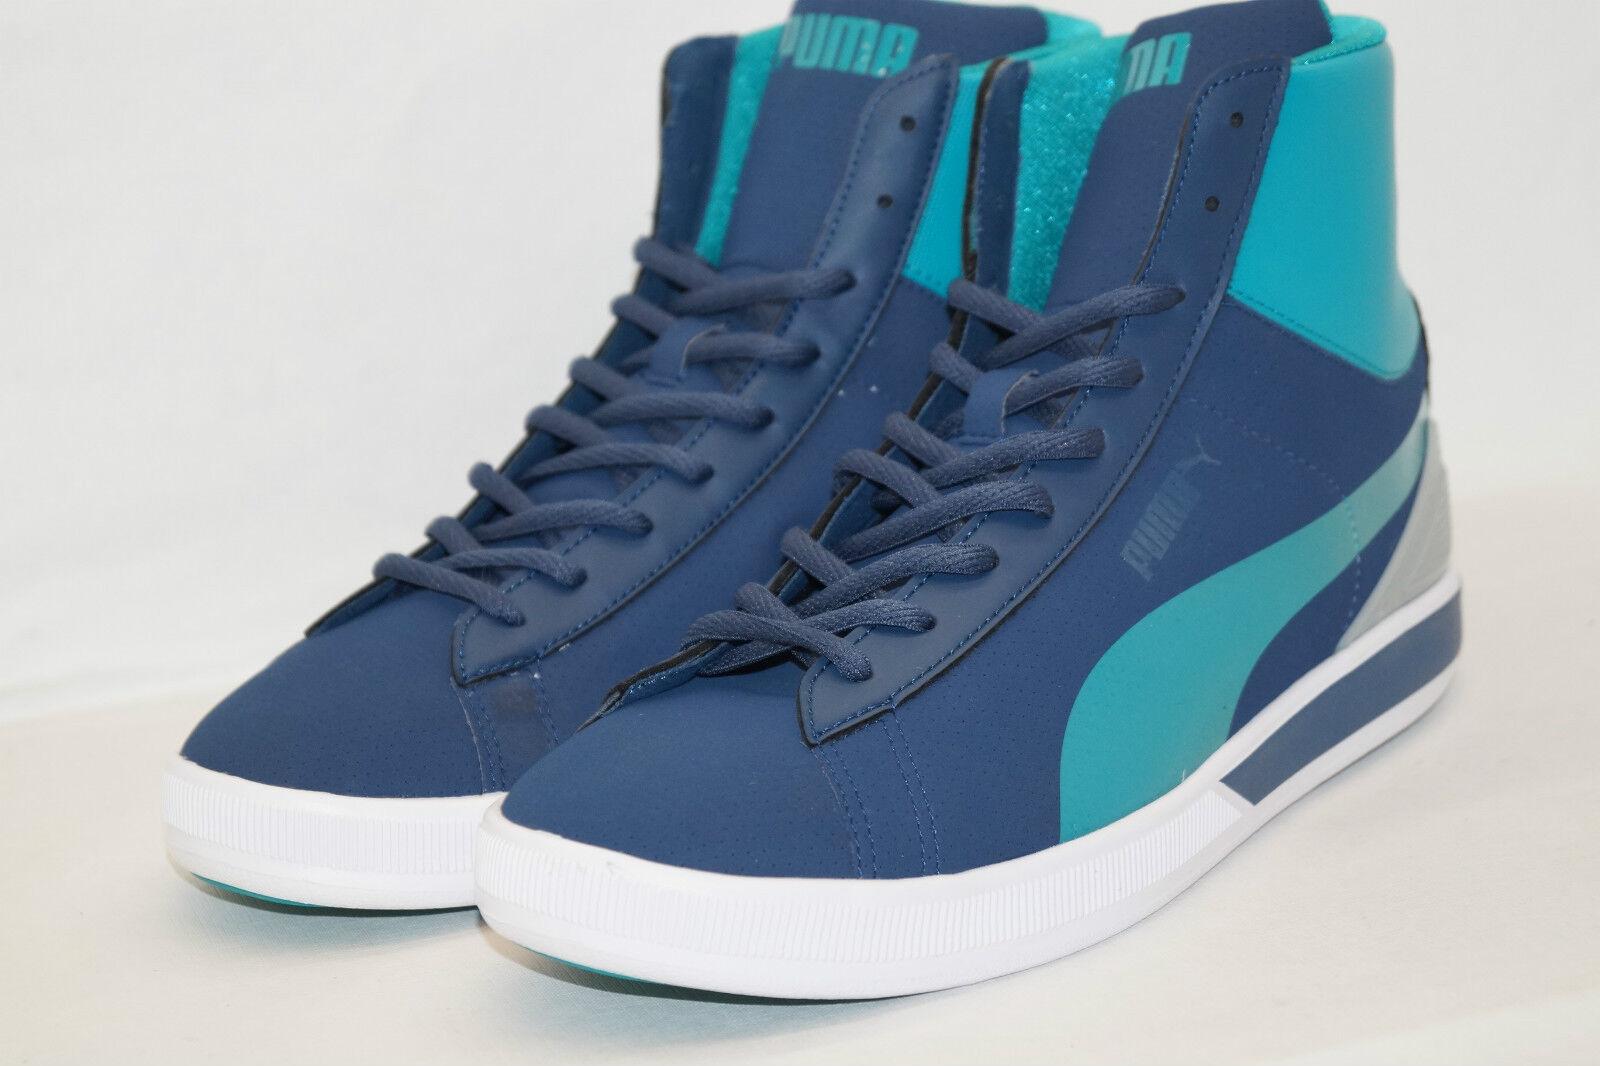 Puma Future Suede mid Lite PERF uk.8 ligero azul muy ligero uk.8 zapato c71e94